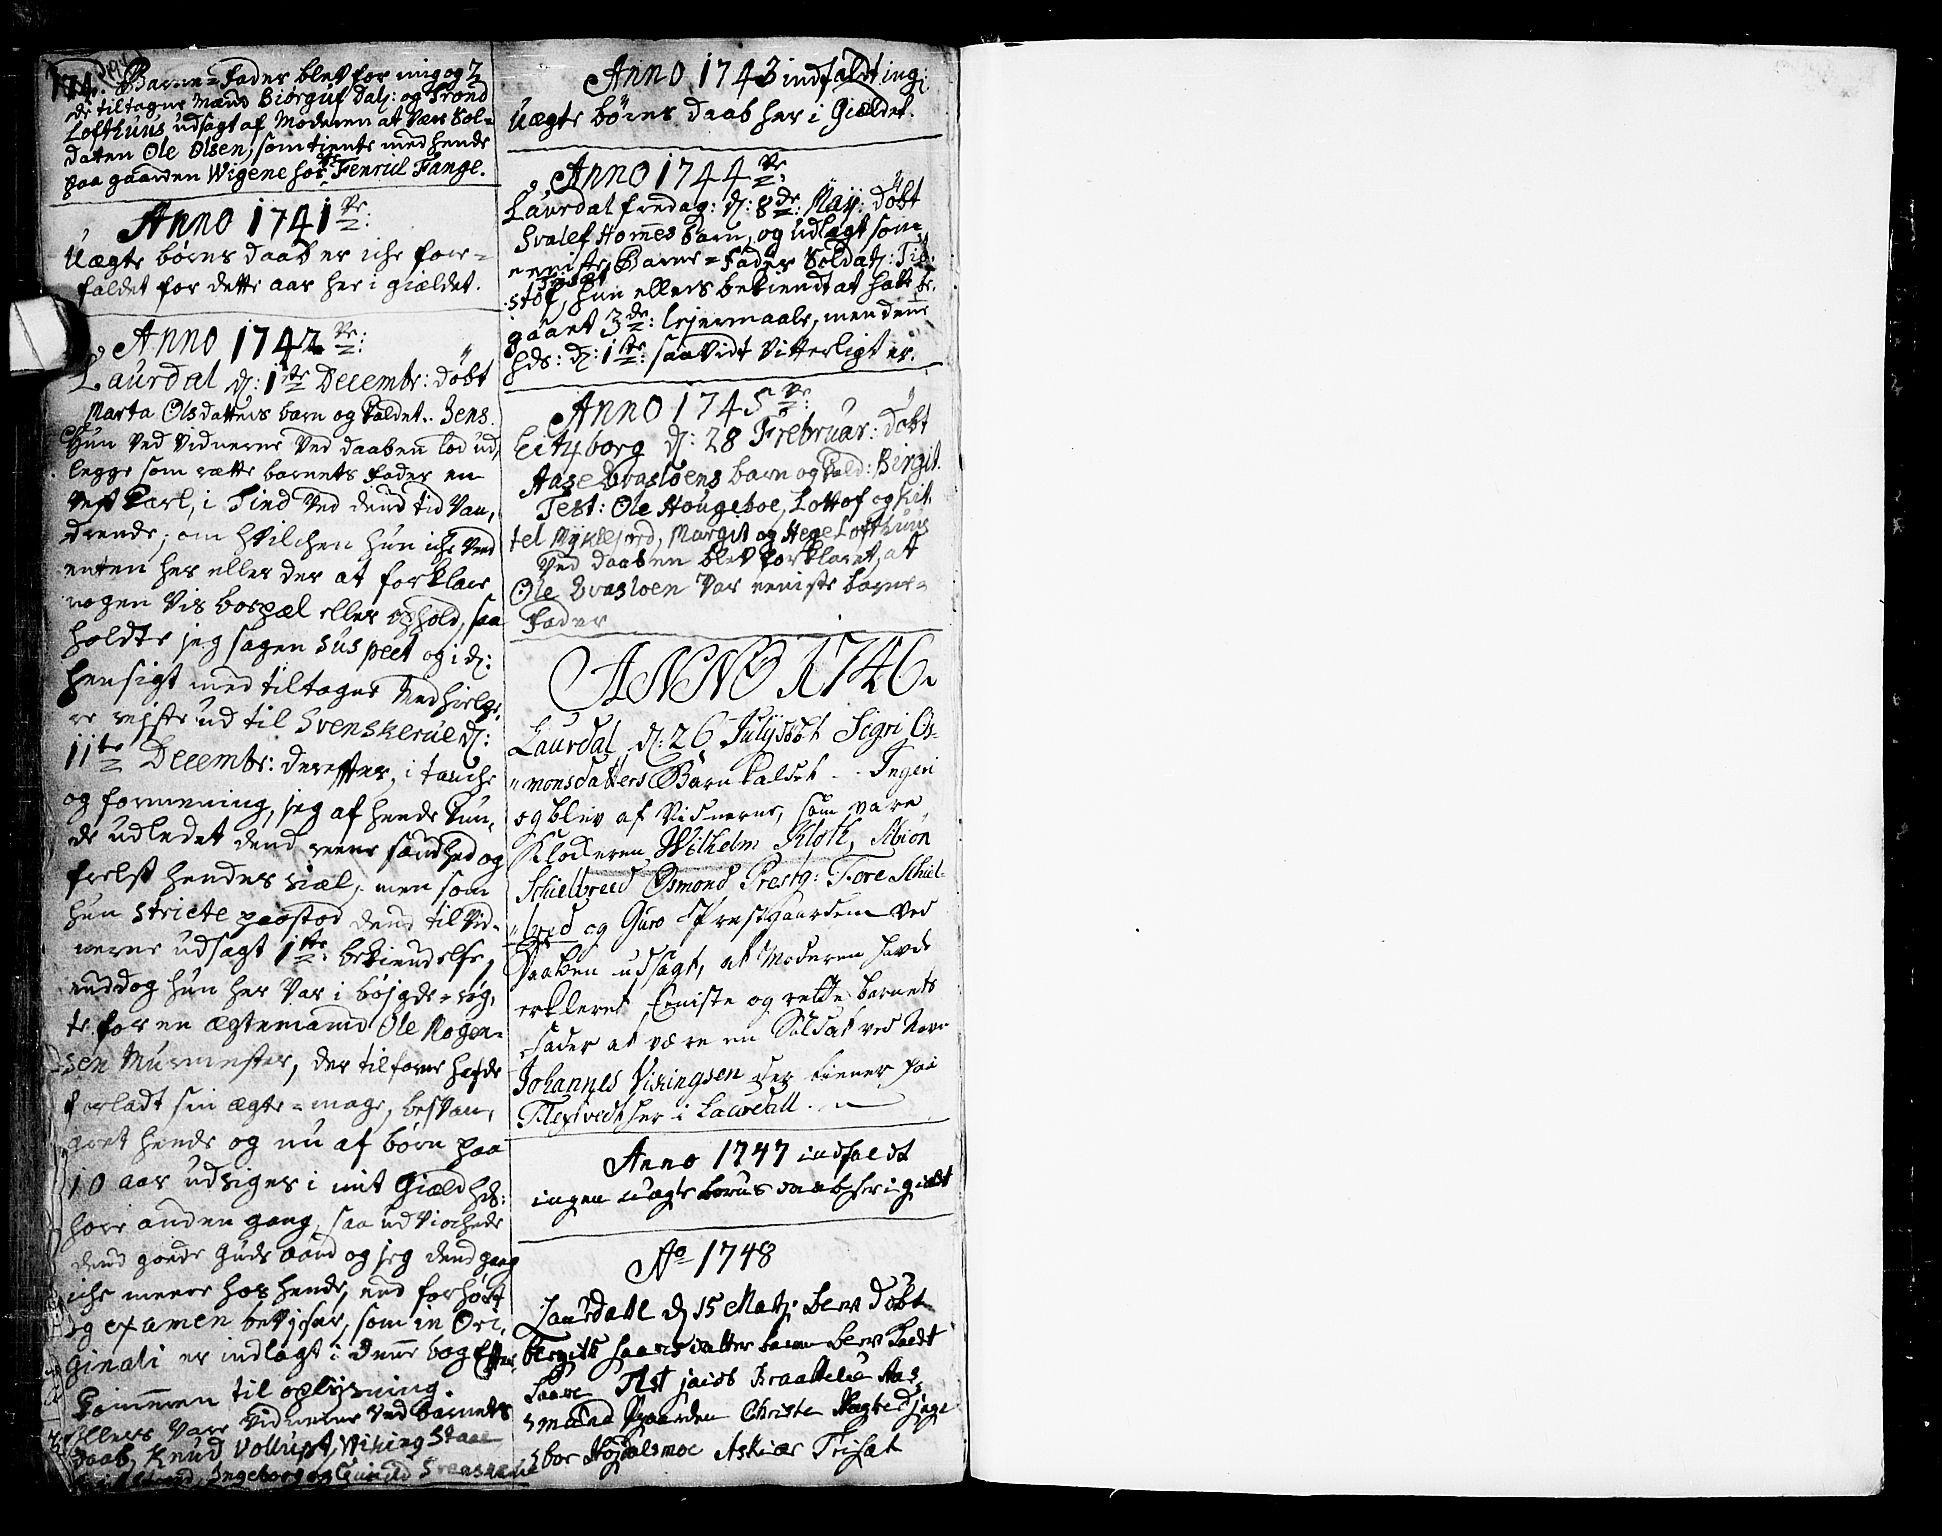 SAKO, Lårdal kirkebøker, F/Fa/L0002: Ministerialbok nr. I 2, 1734-1754, s. 194-195